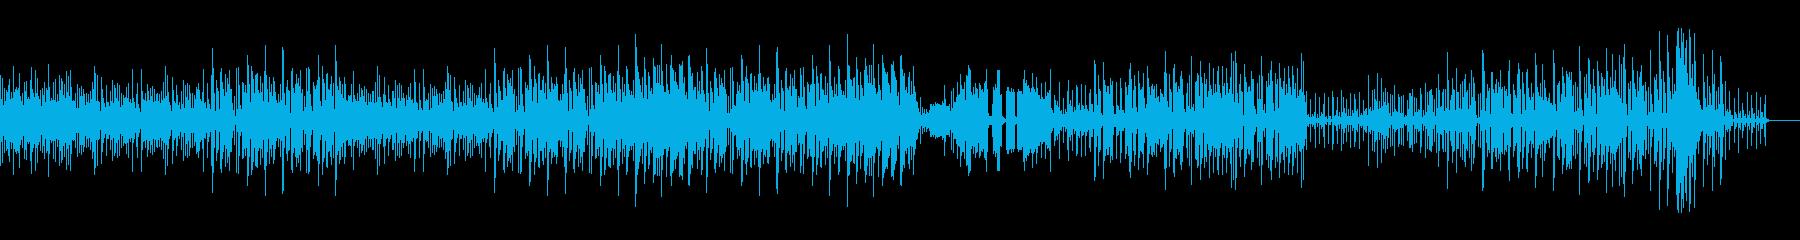 多国籍ミクスチャーミュージックの再生済みの波形